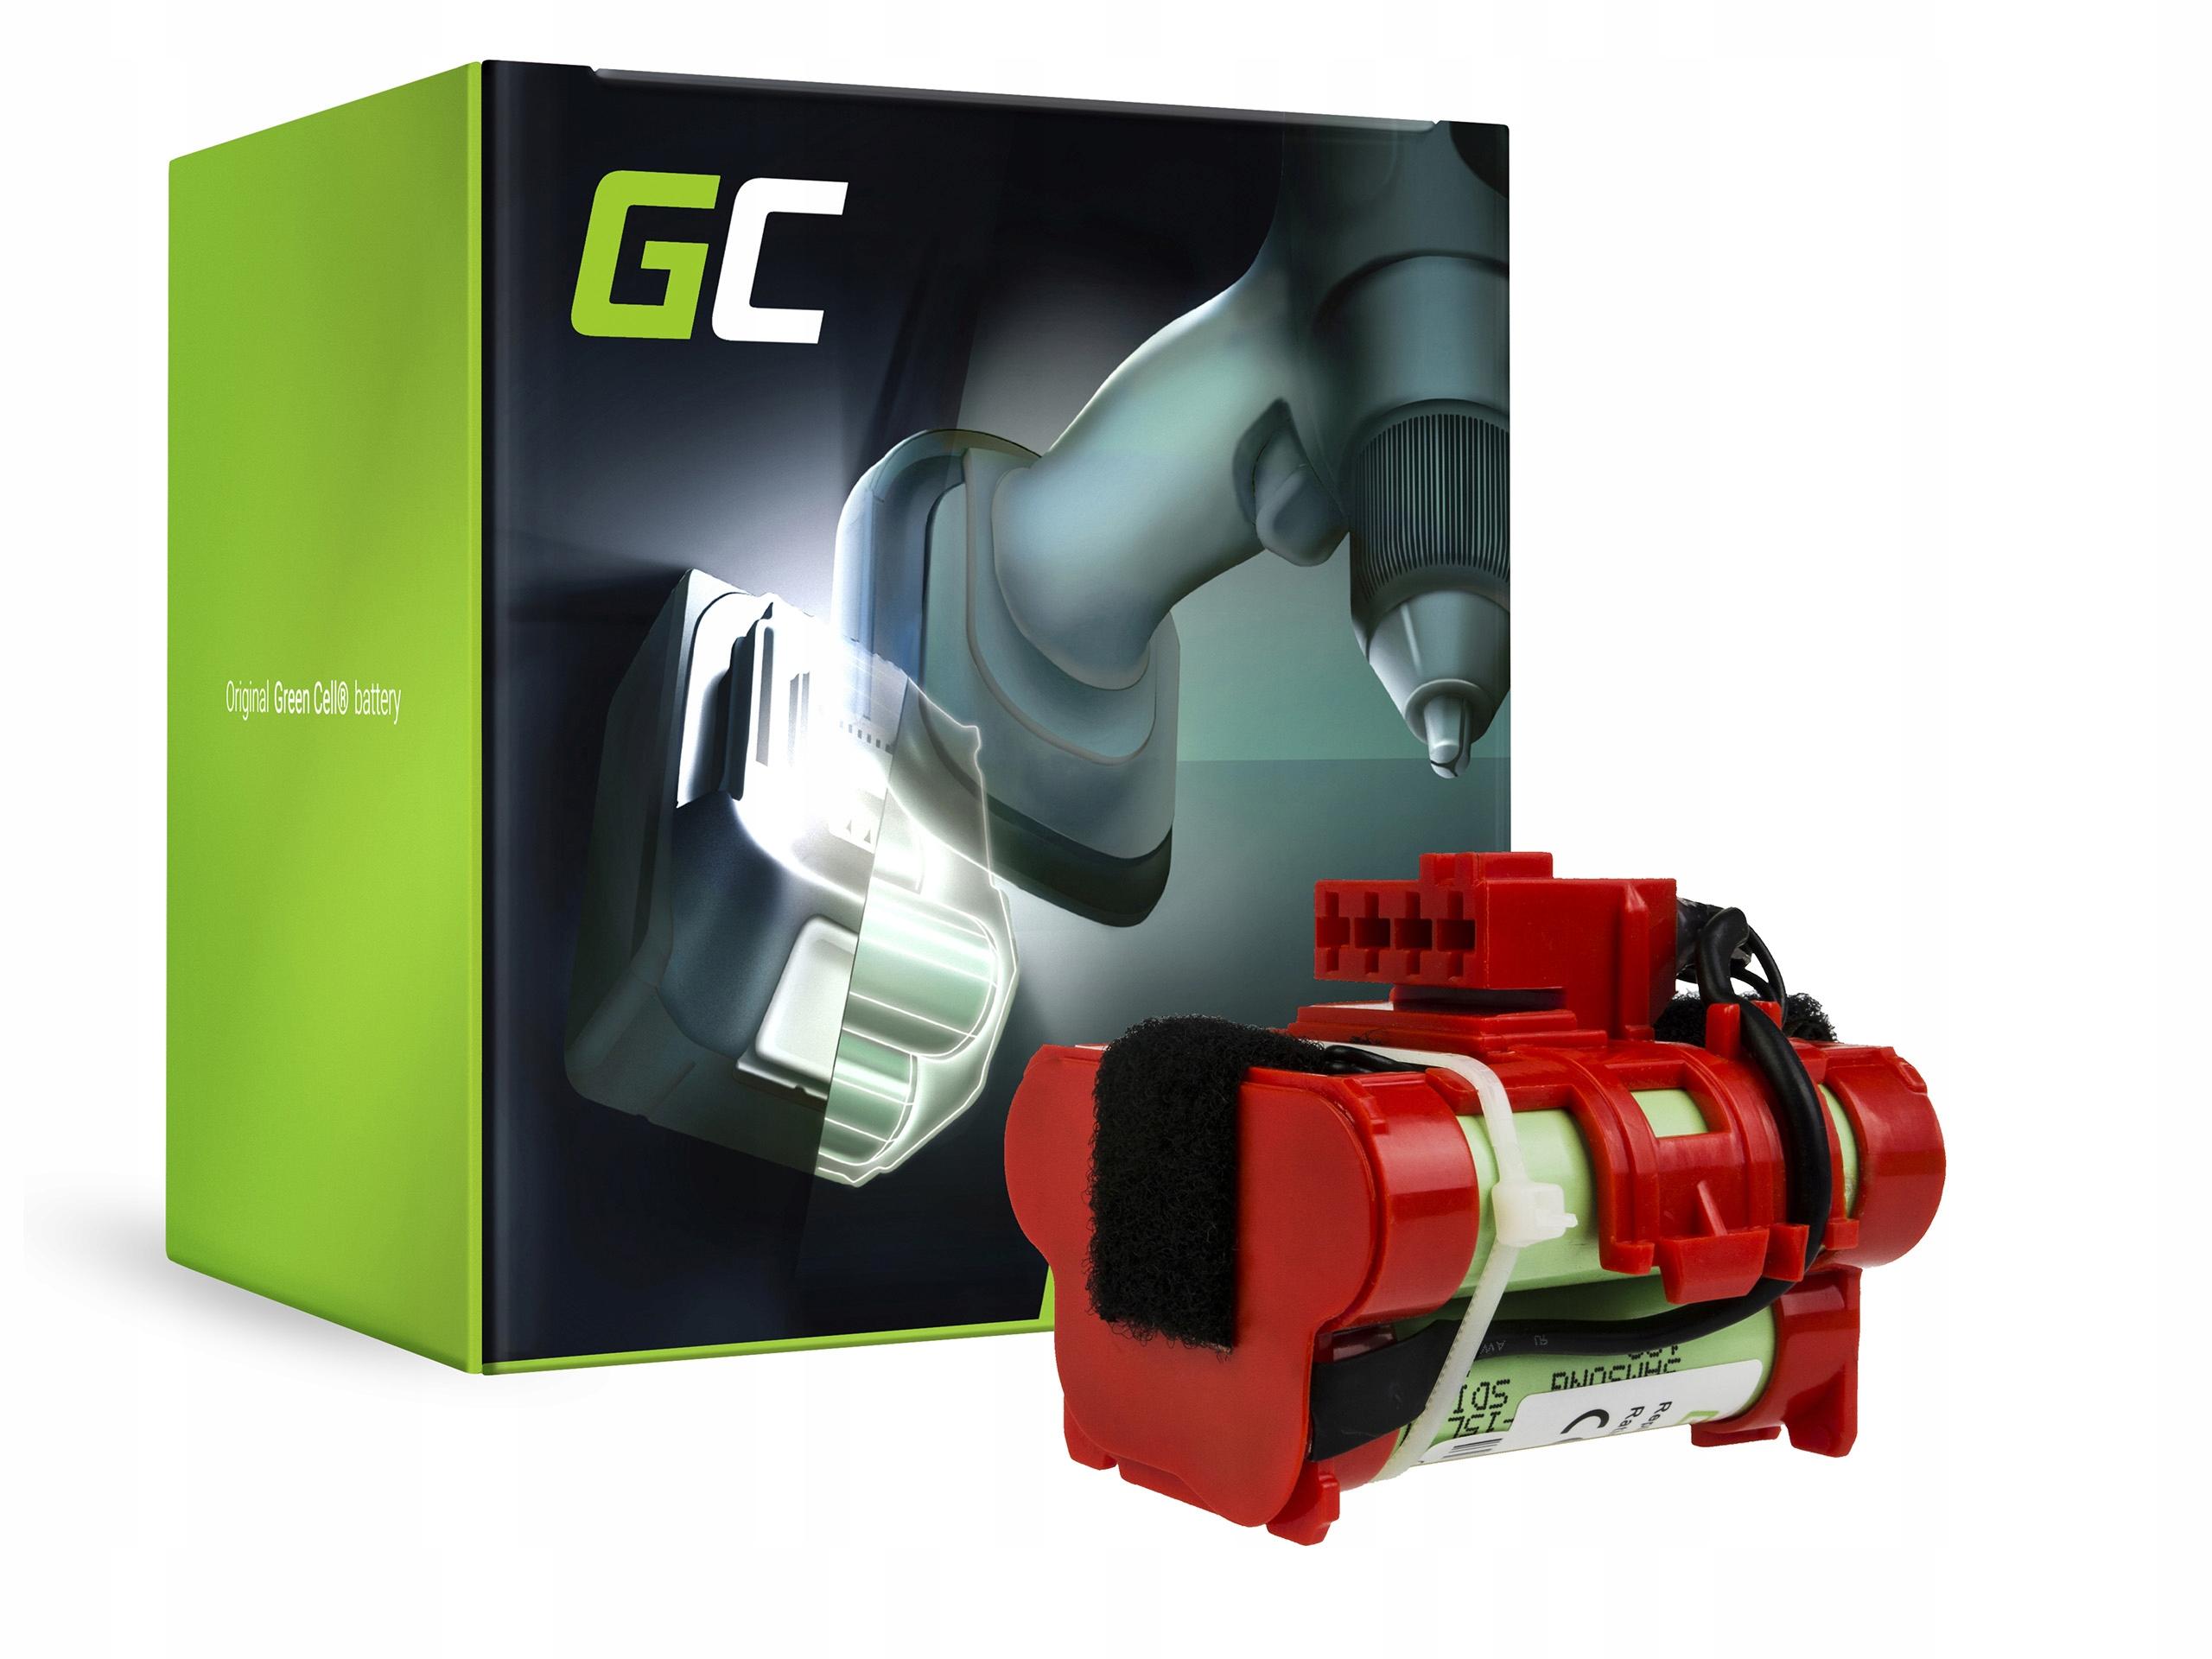 Batérie 18V 1.5 Ah batérie pre Gardena 4072-64